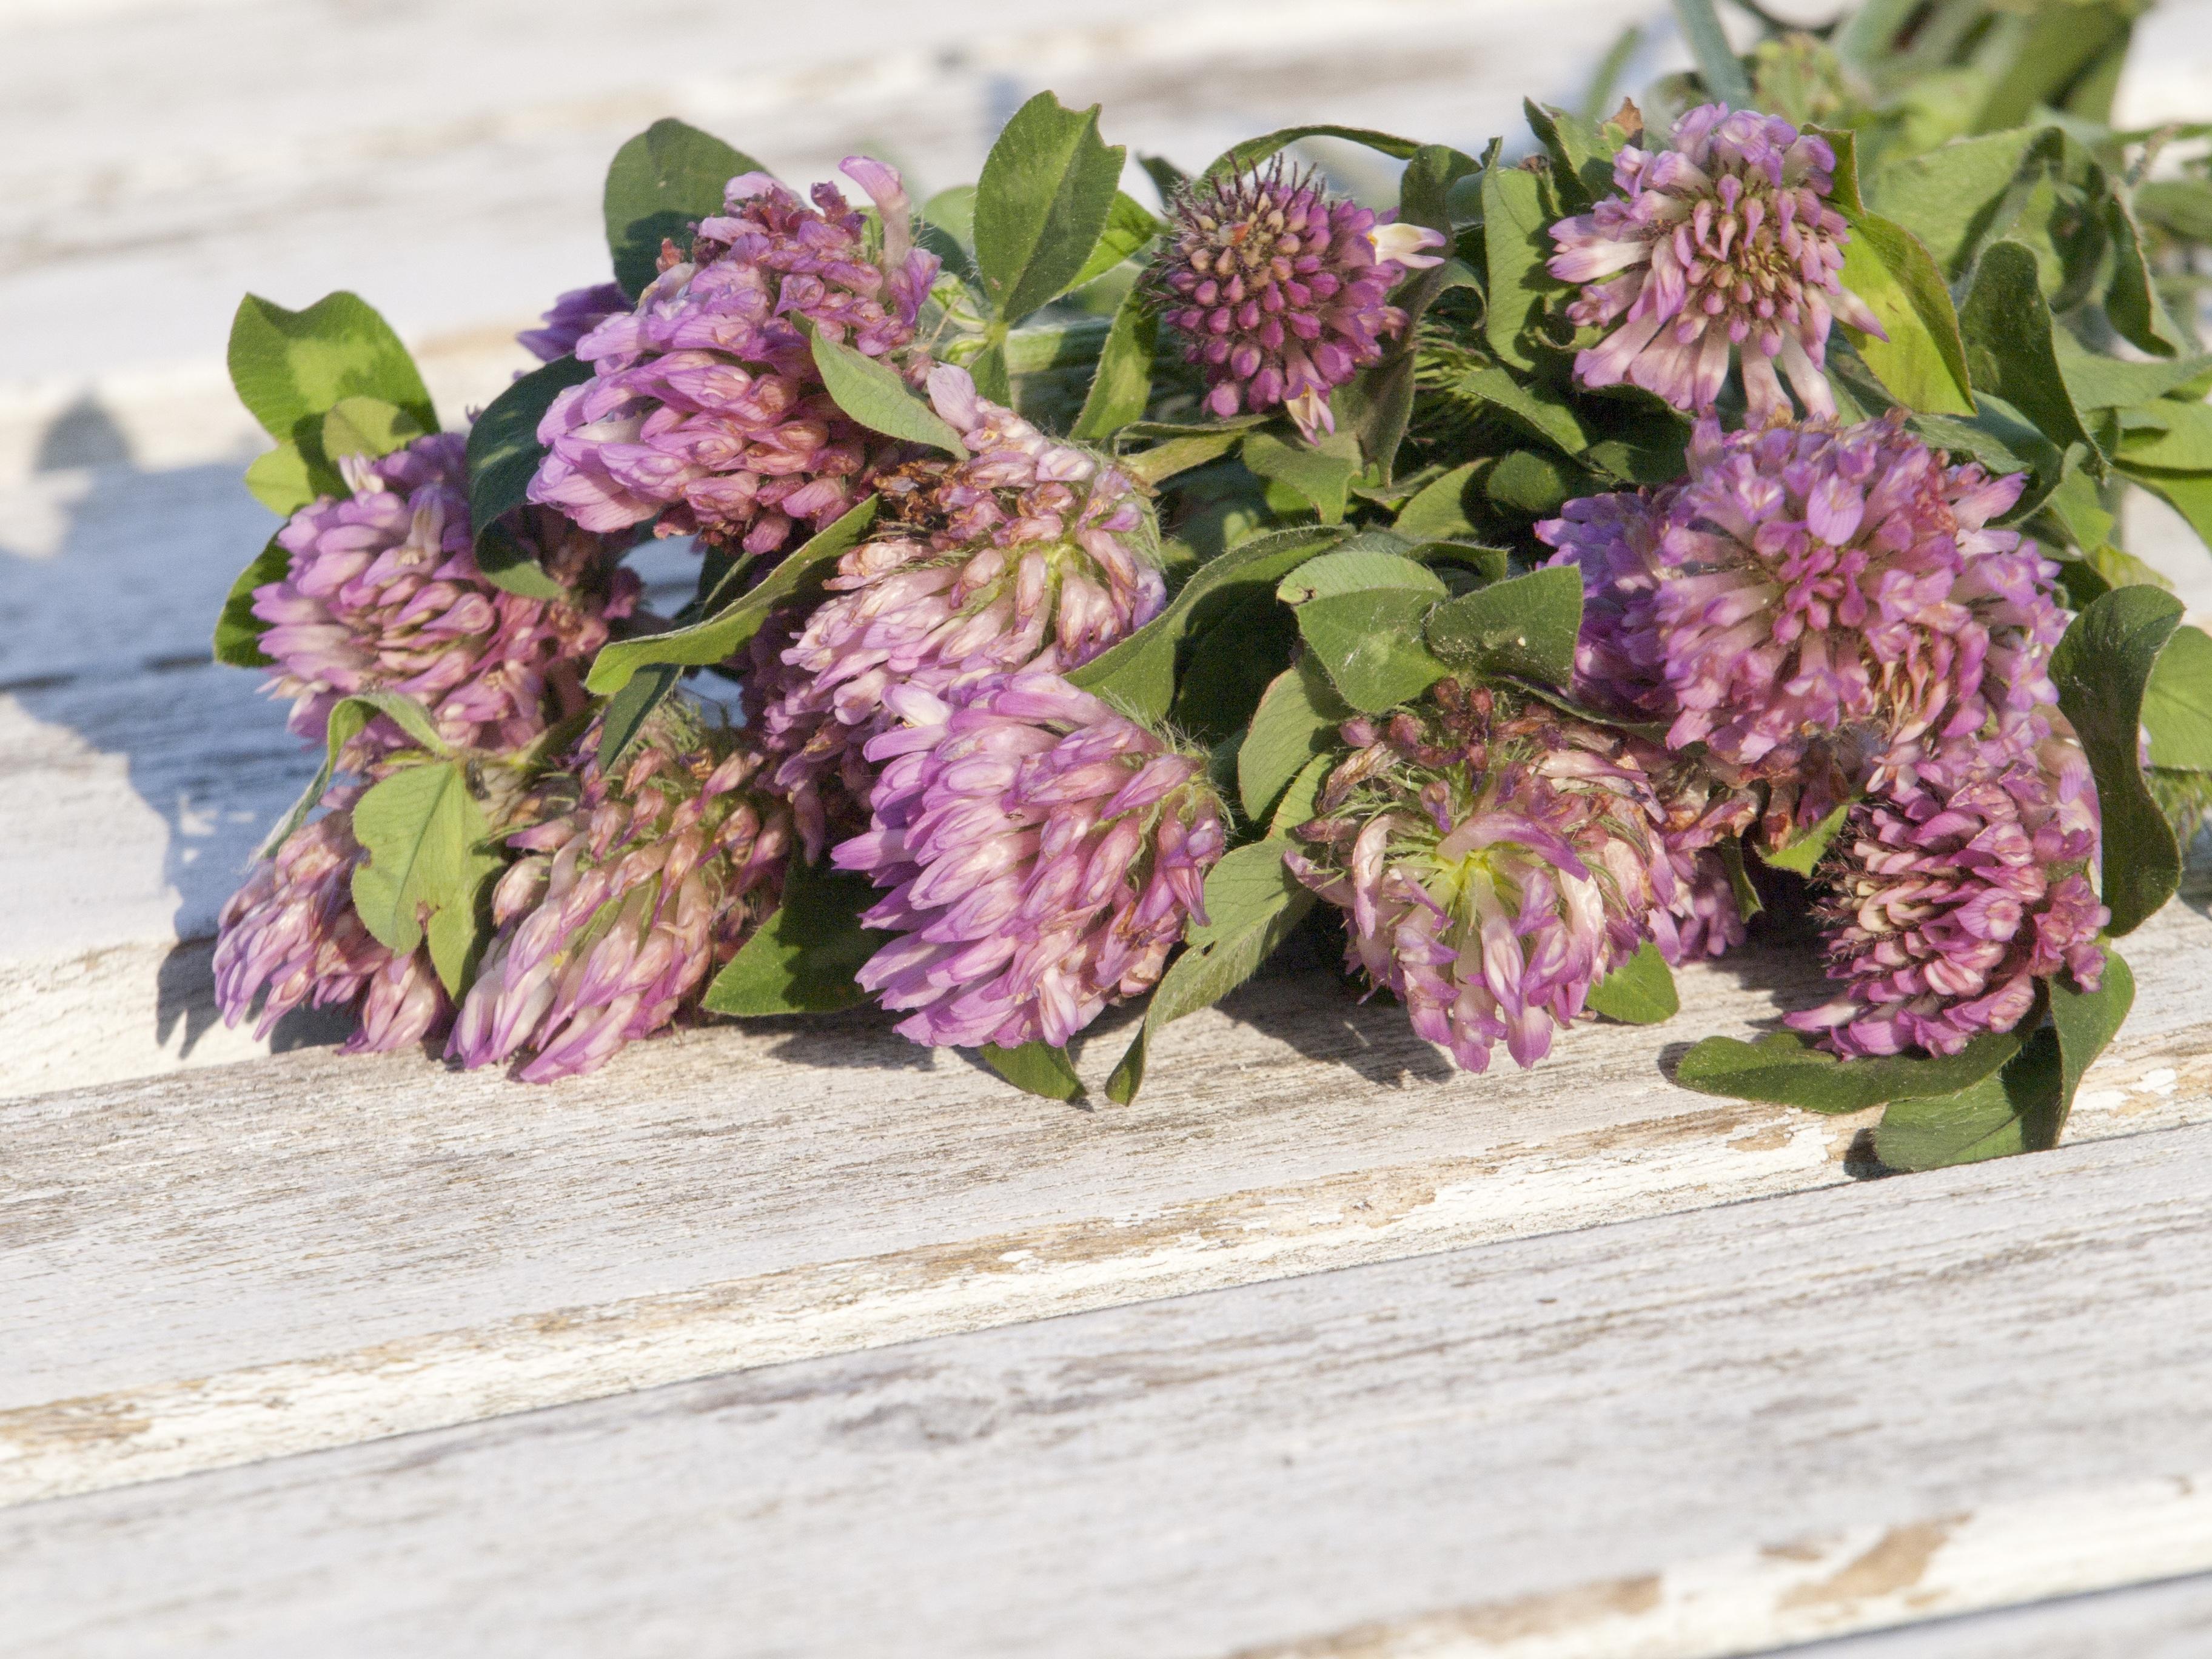 Images Gratuites La Nature Fleur Violet Ete Herbe Produire